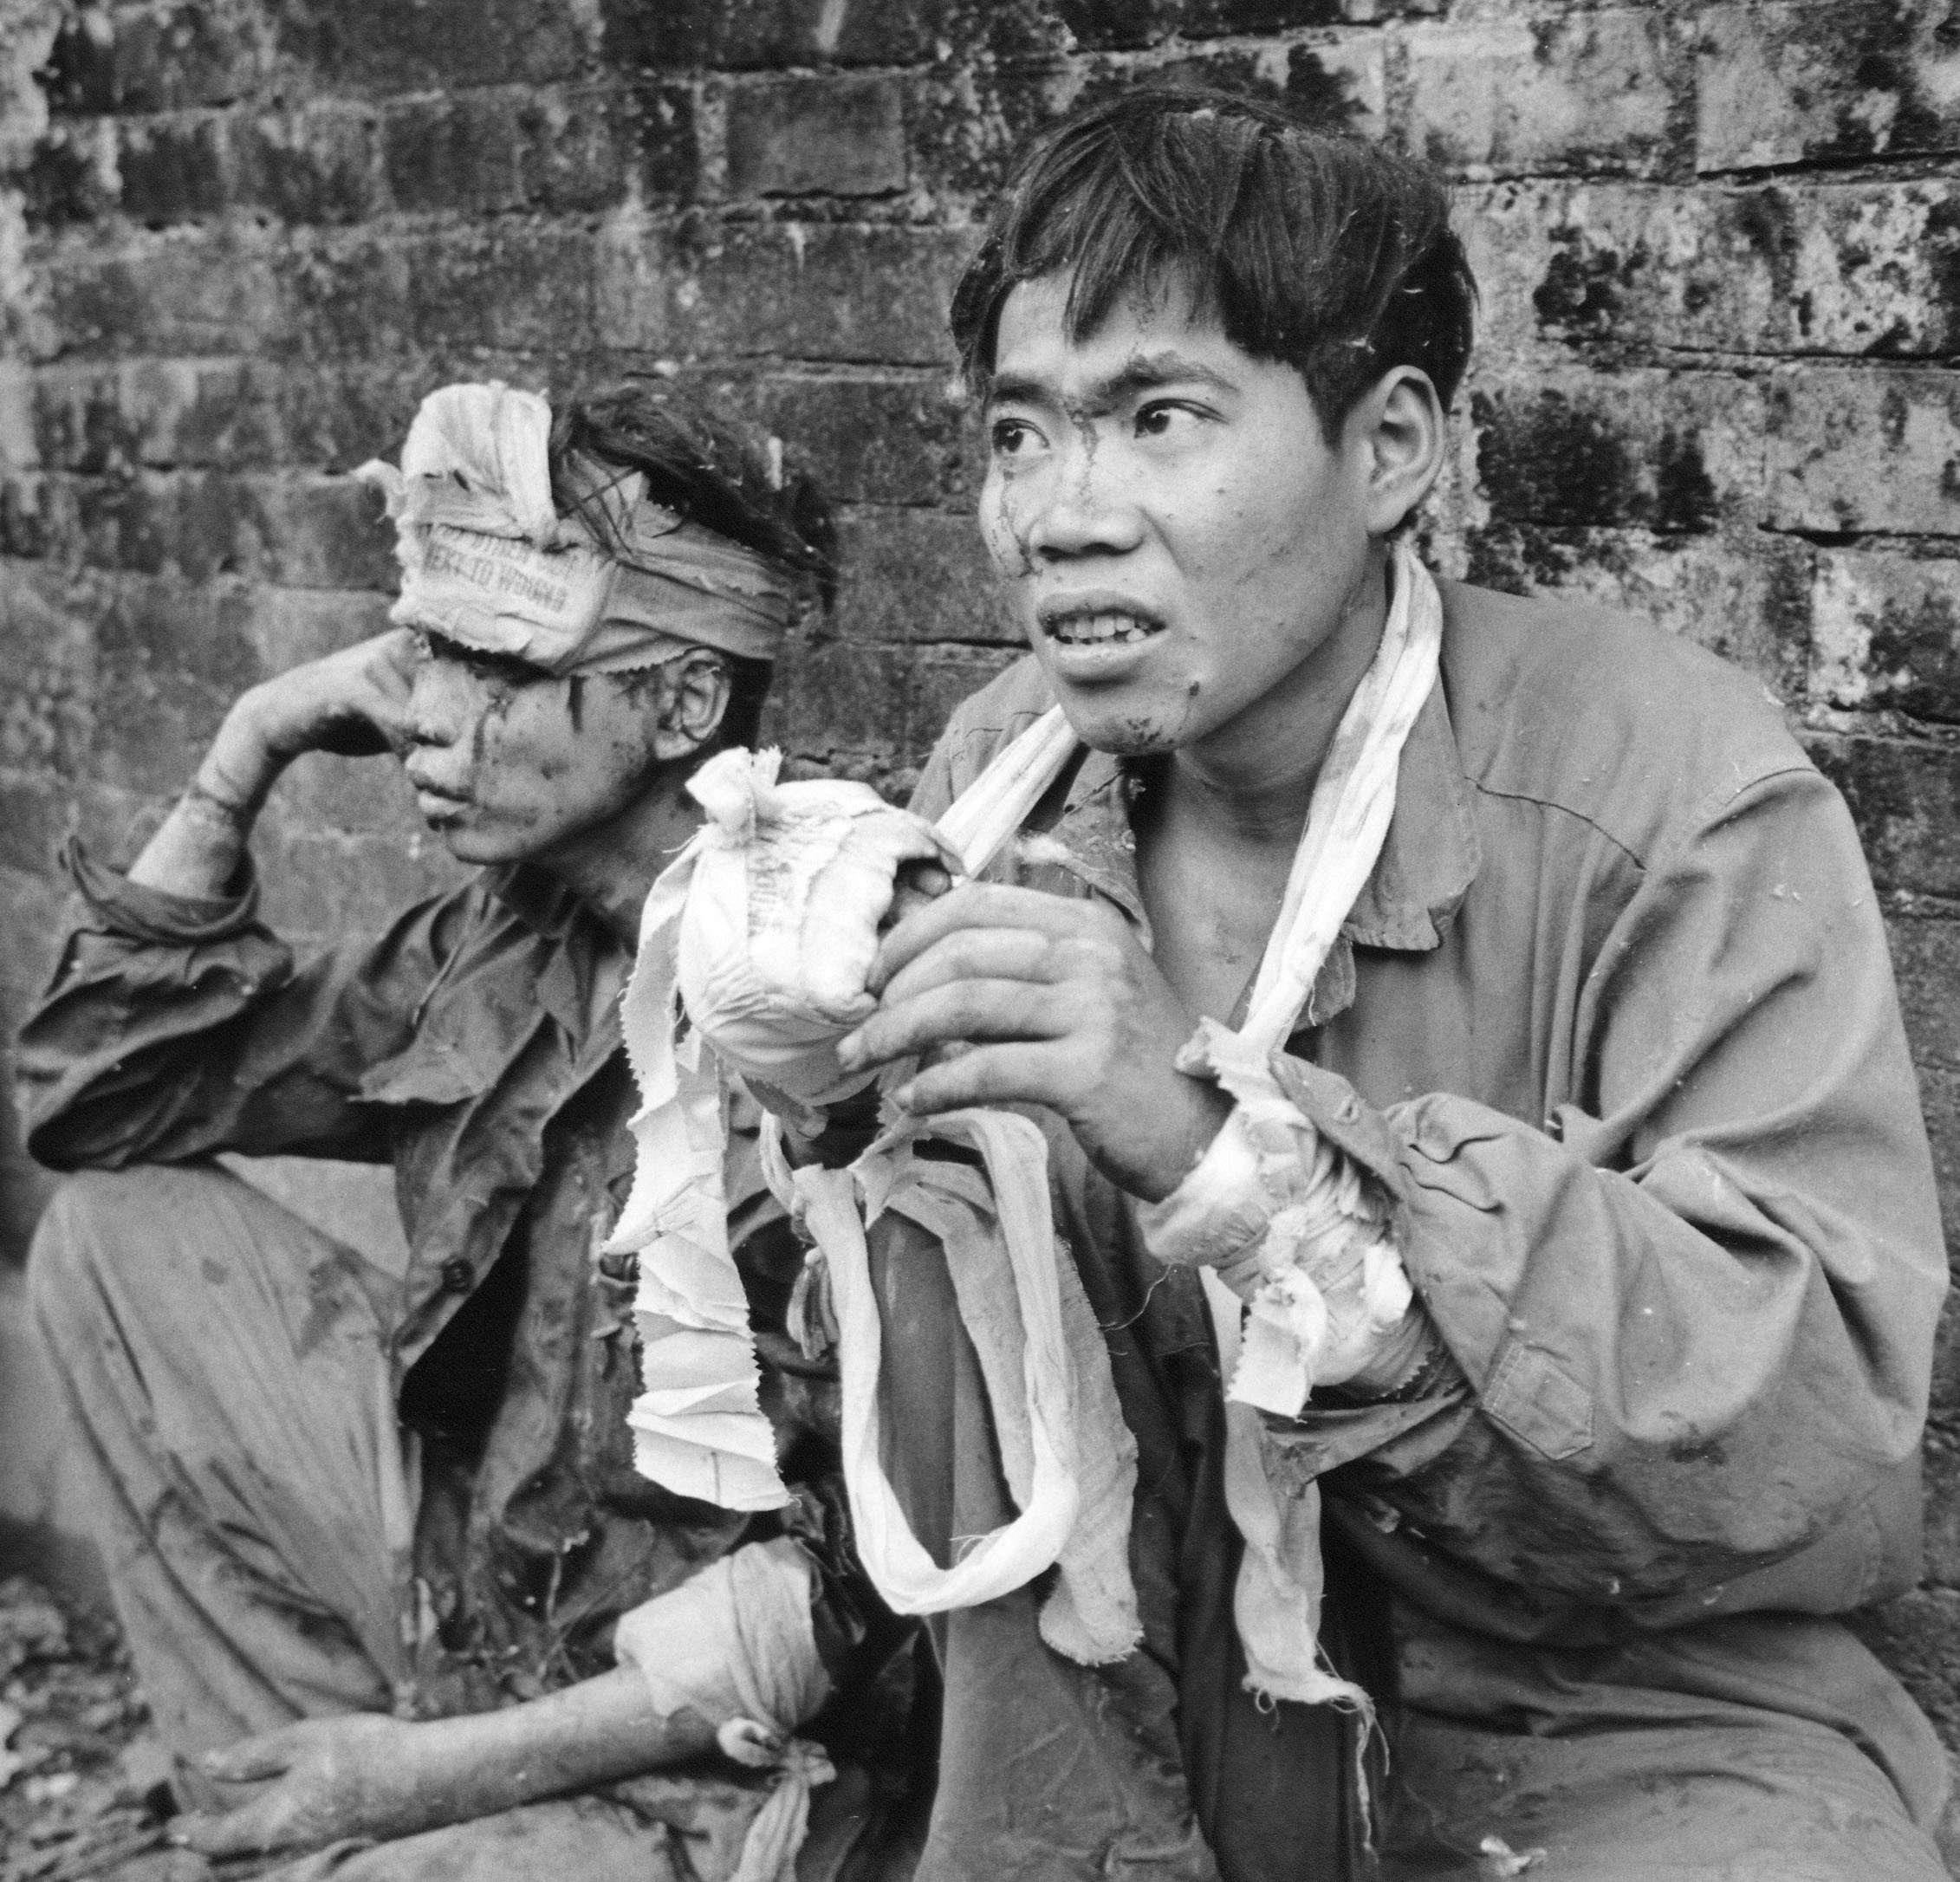 Deux prisonniers communistes attendent d'être transférés dans un centre d'interrogatoire, dans la citadelle de Hué, le 27 février 1968.